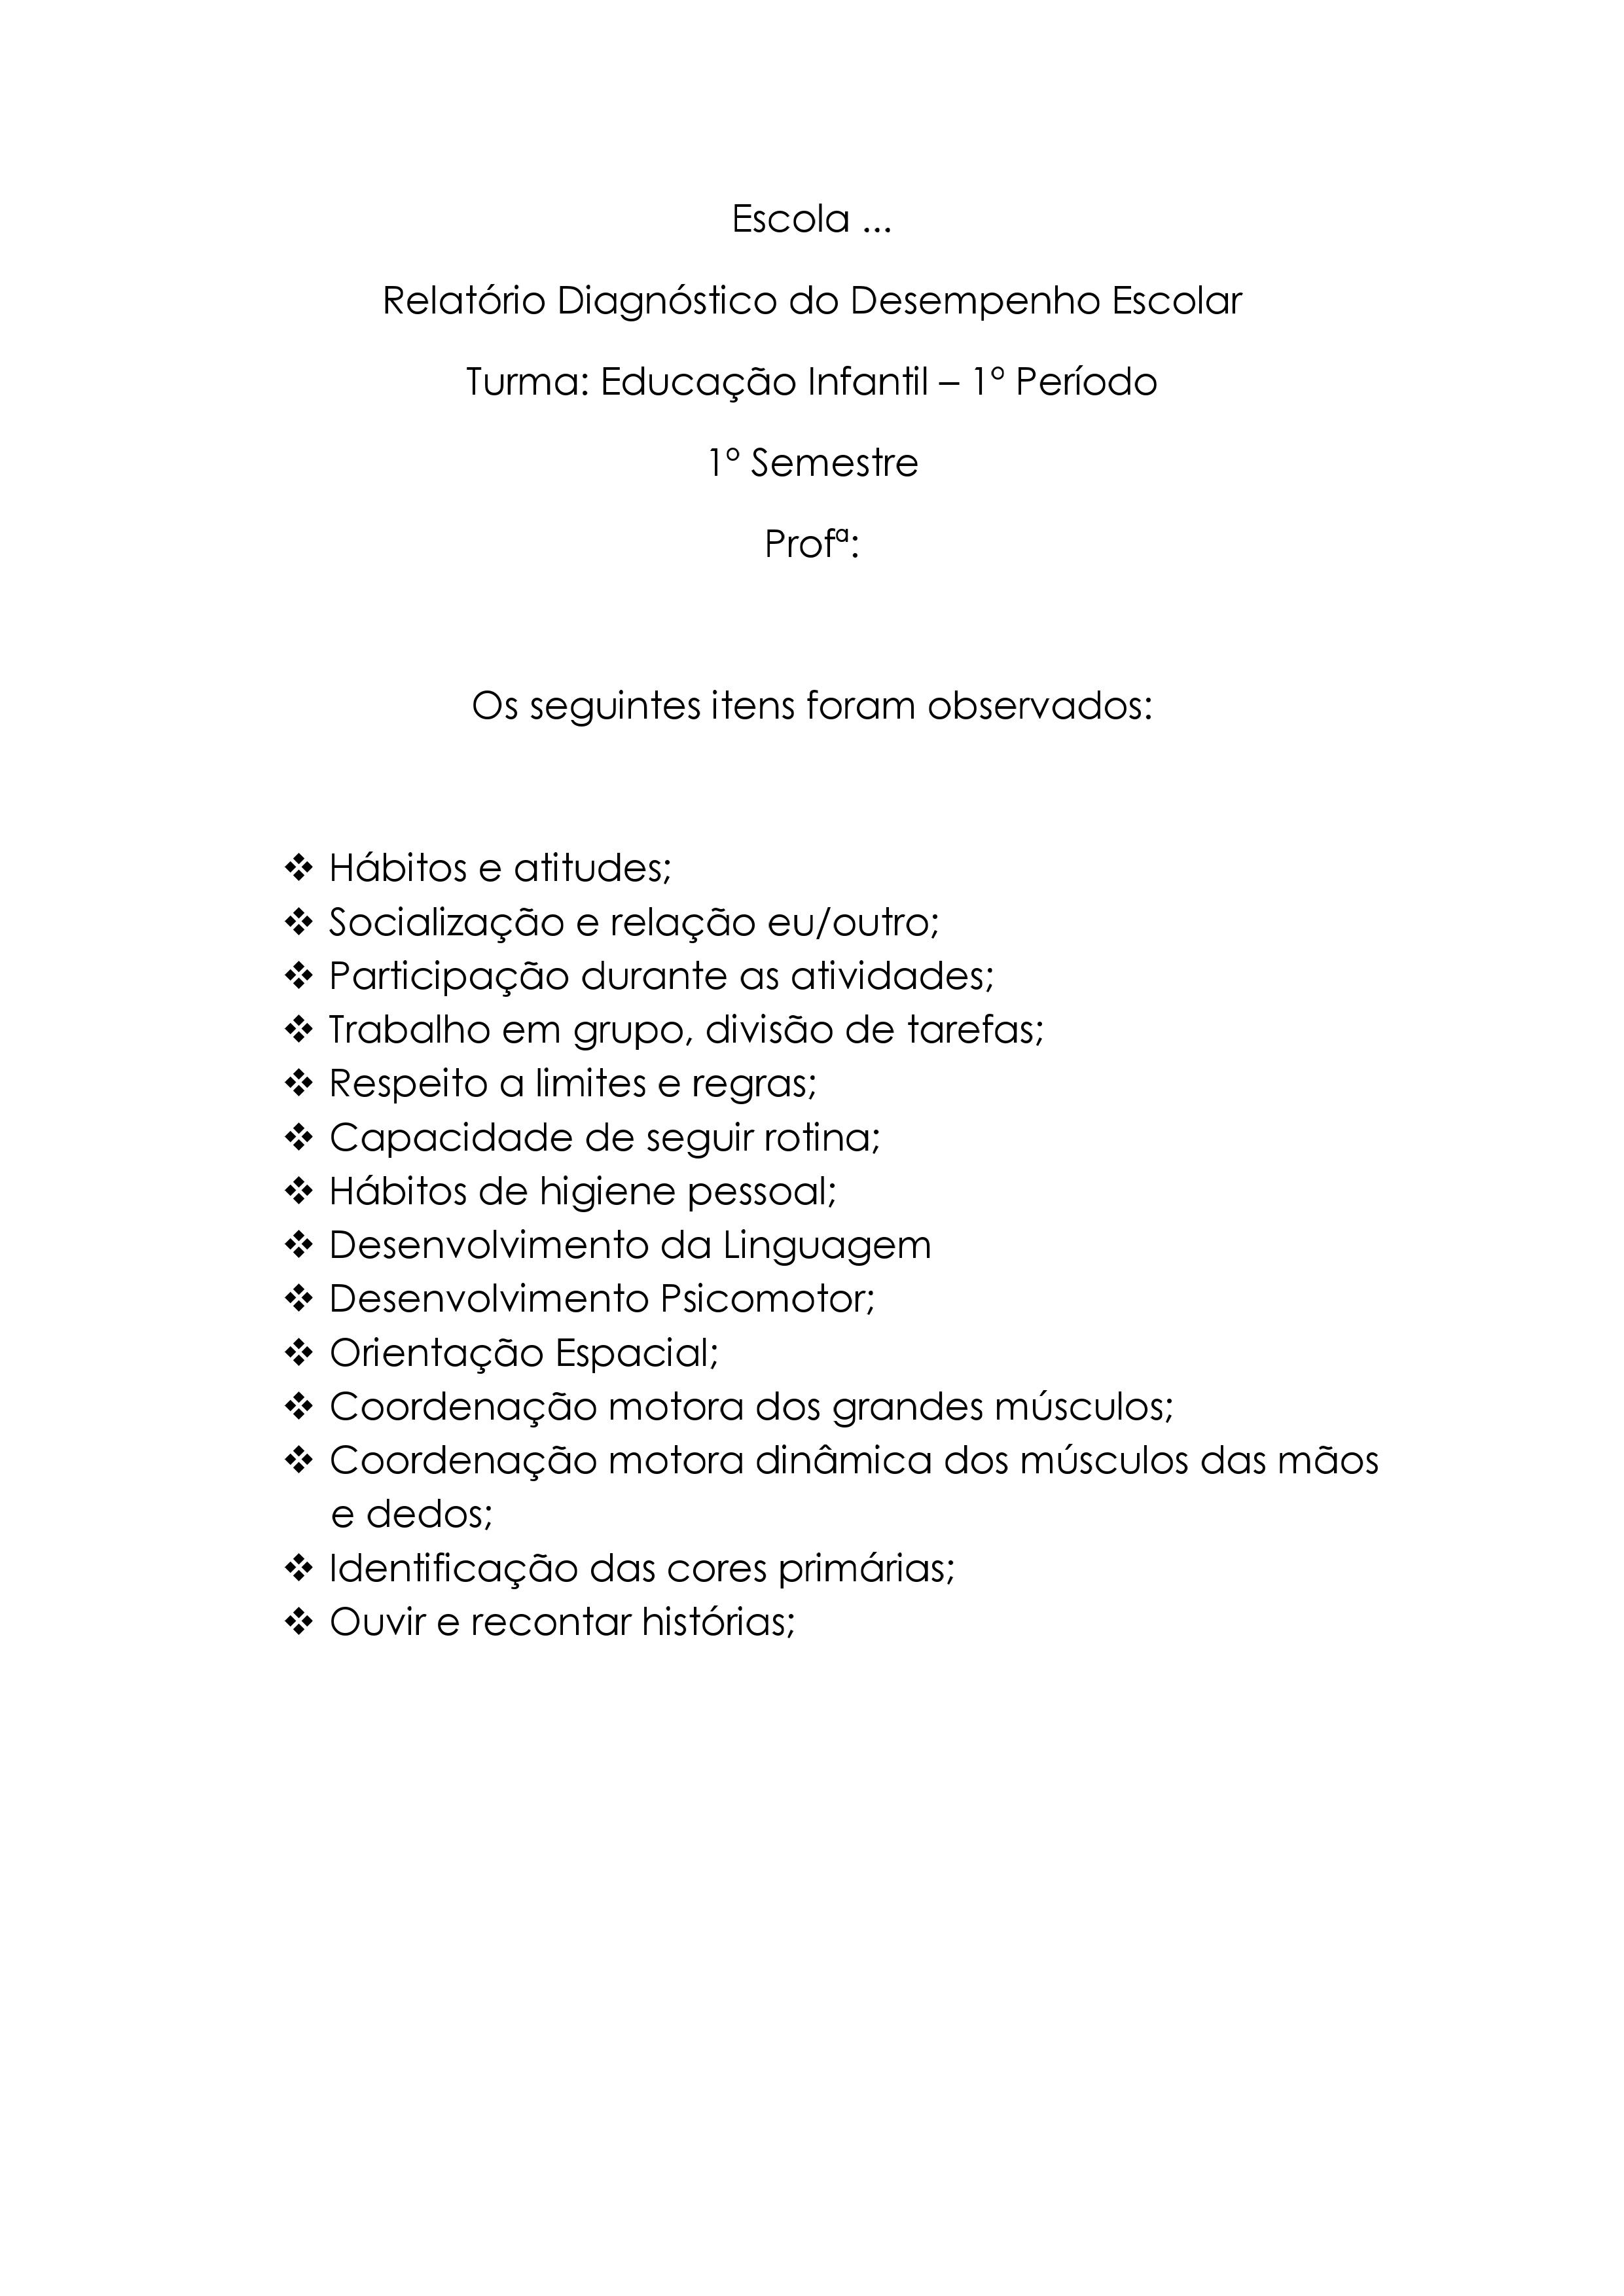 Super Modelo de relatório de avaliação do desempenho escolar CH69